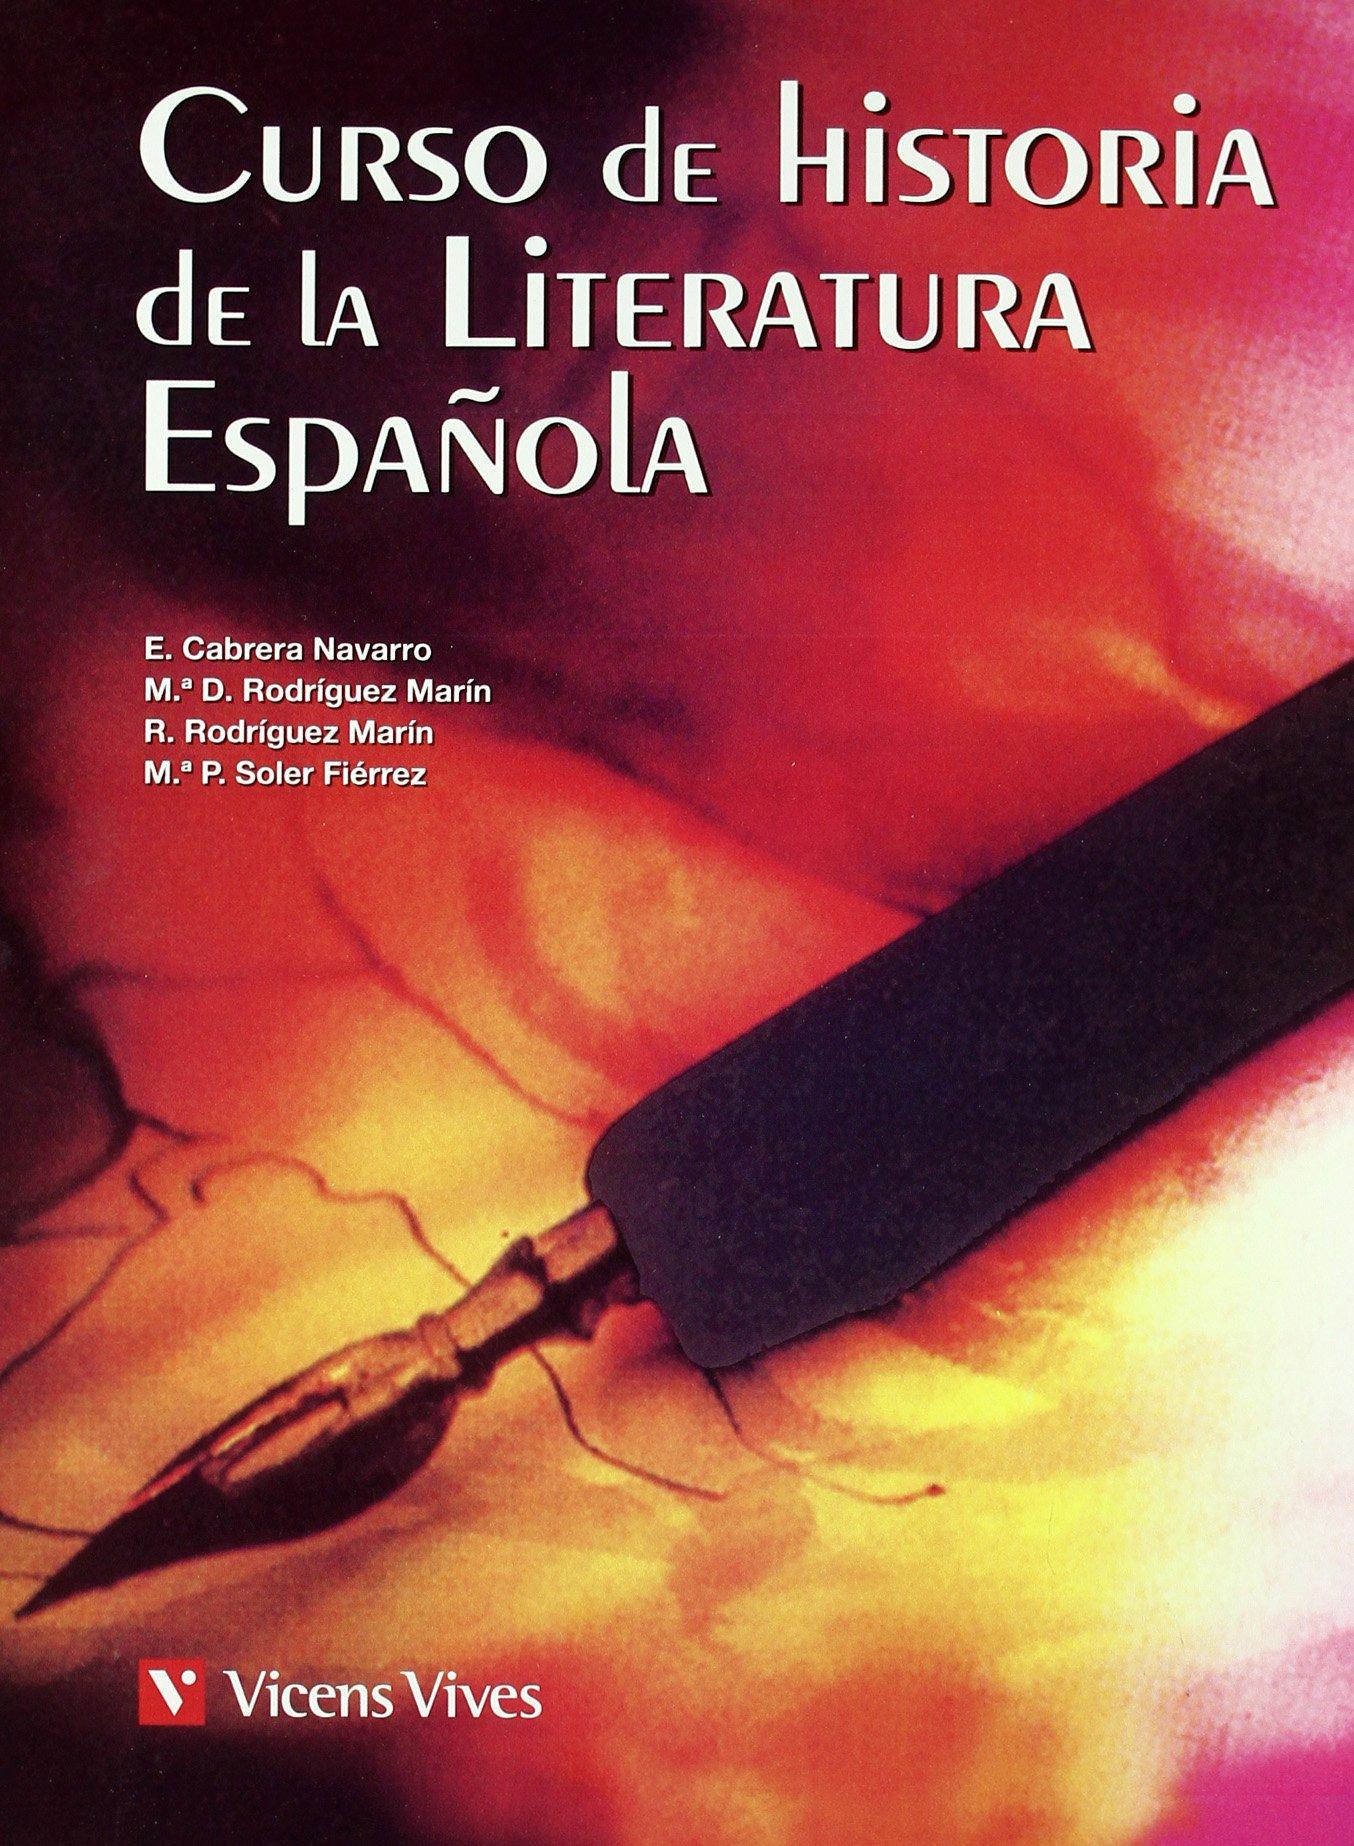 CURSO DE HISTORIA DE LIT. ESPAÑOLA: 000001 - 9788431673642: Amazon.es: Rodriguez Marin, Maria Dolores: Libros